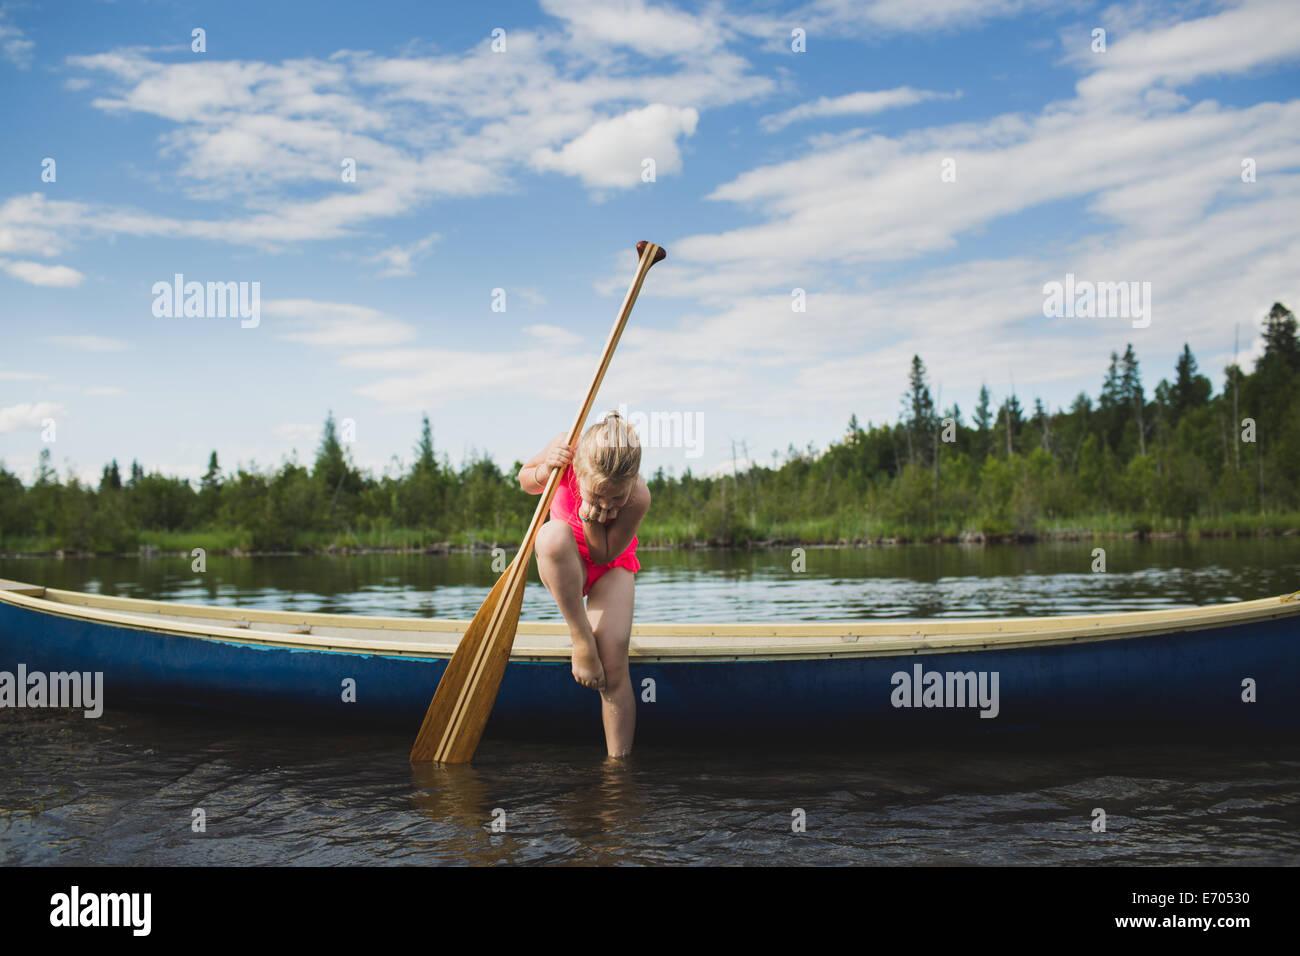 Neugierige Mädchen blickte auf Wasser in Indian River, Ontario, Kanada Stockfoto